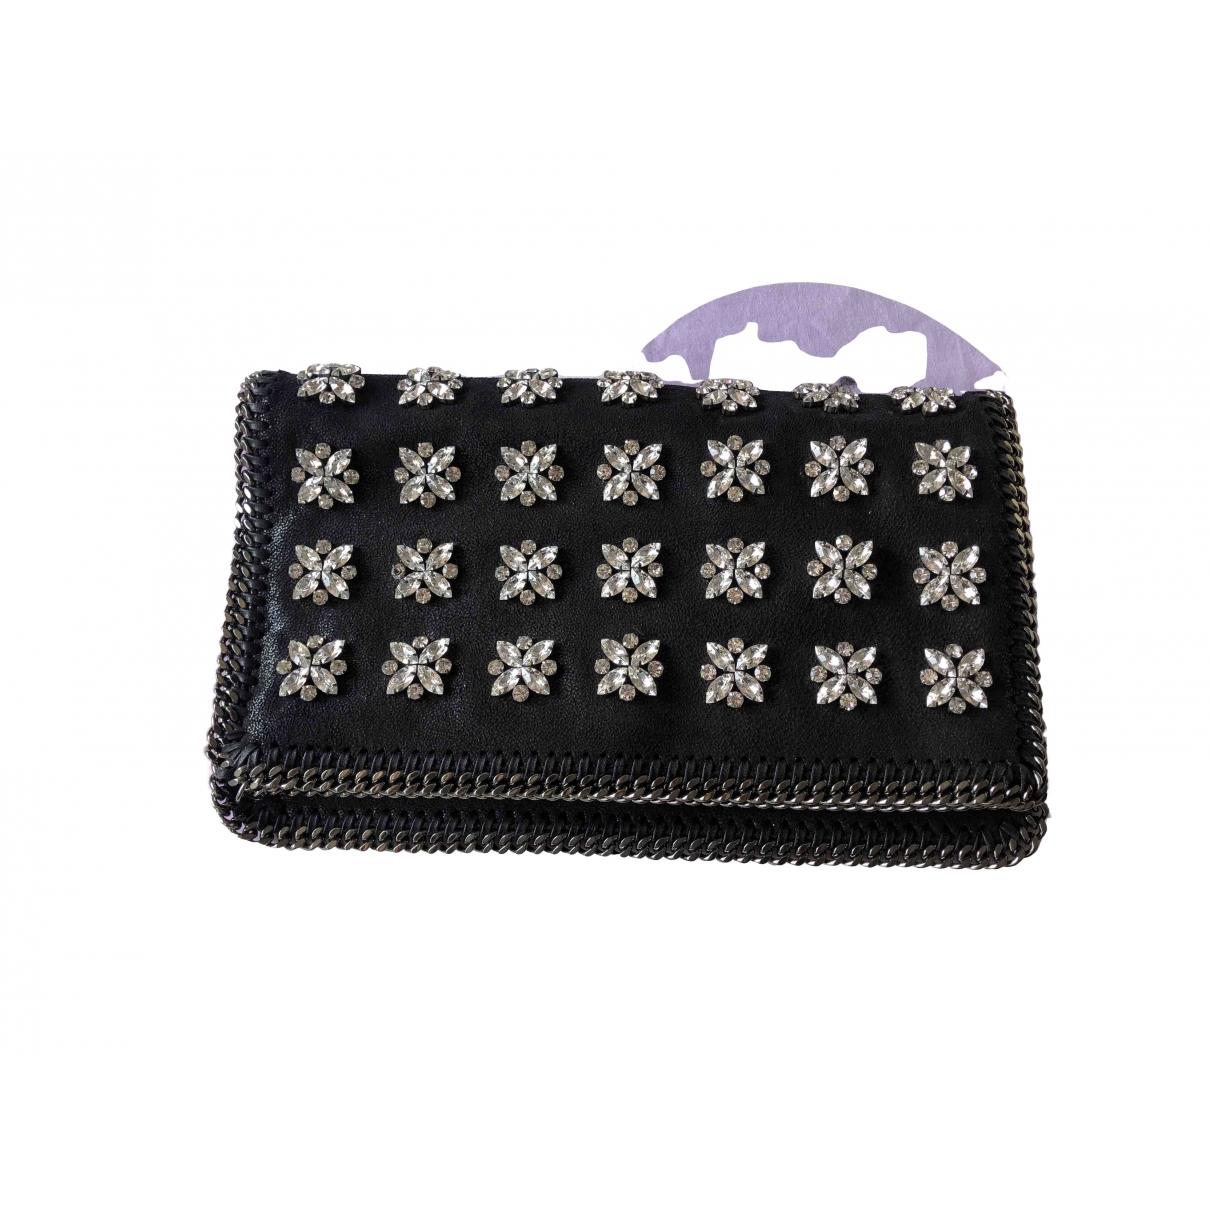 Stella Mccartney Falabella Black Clutch bag for Women \N